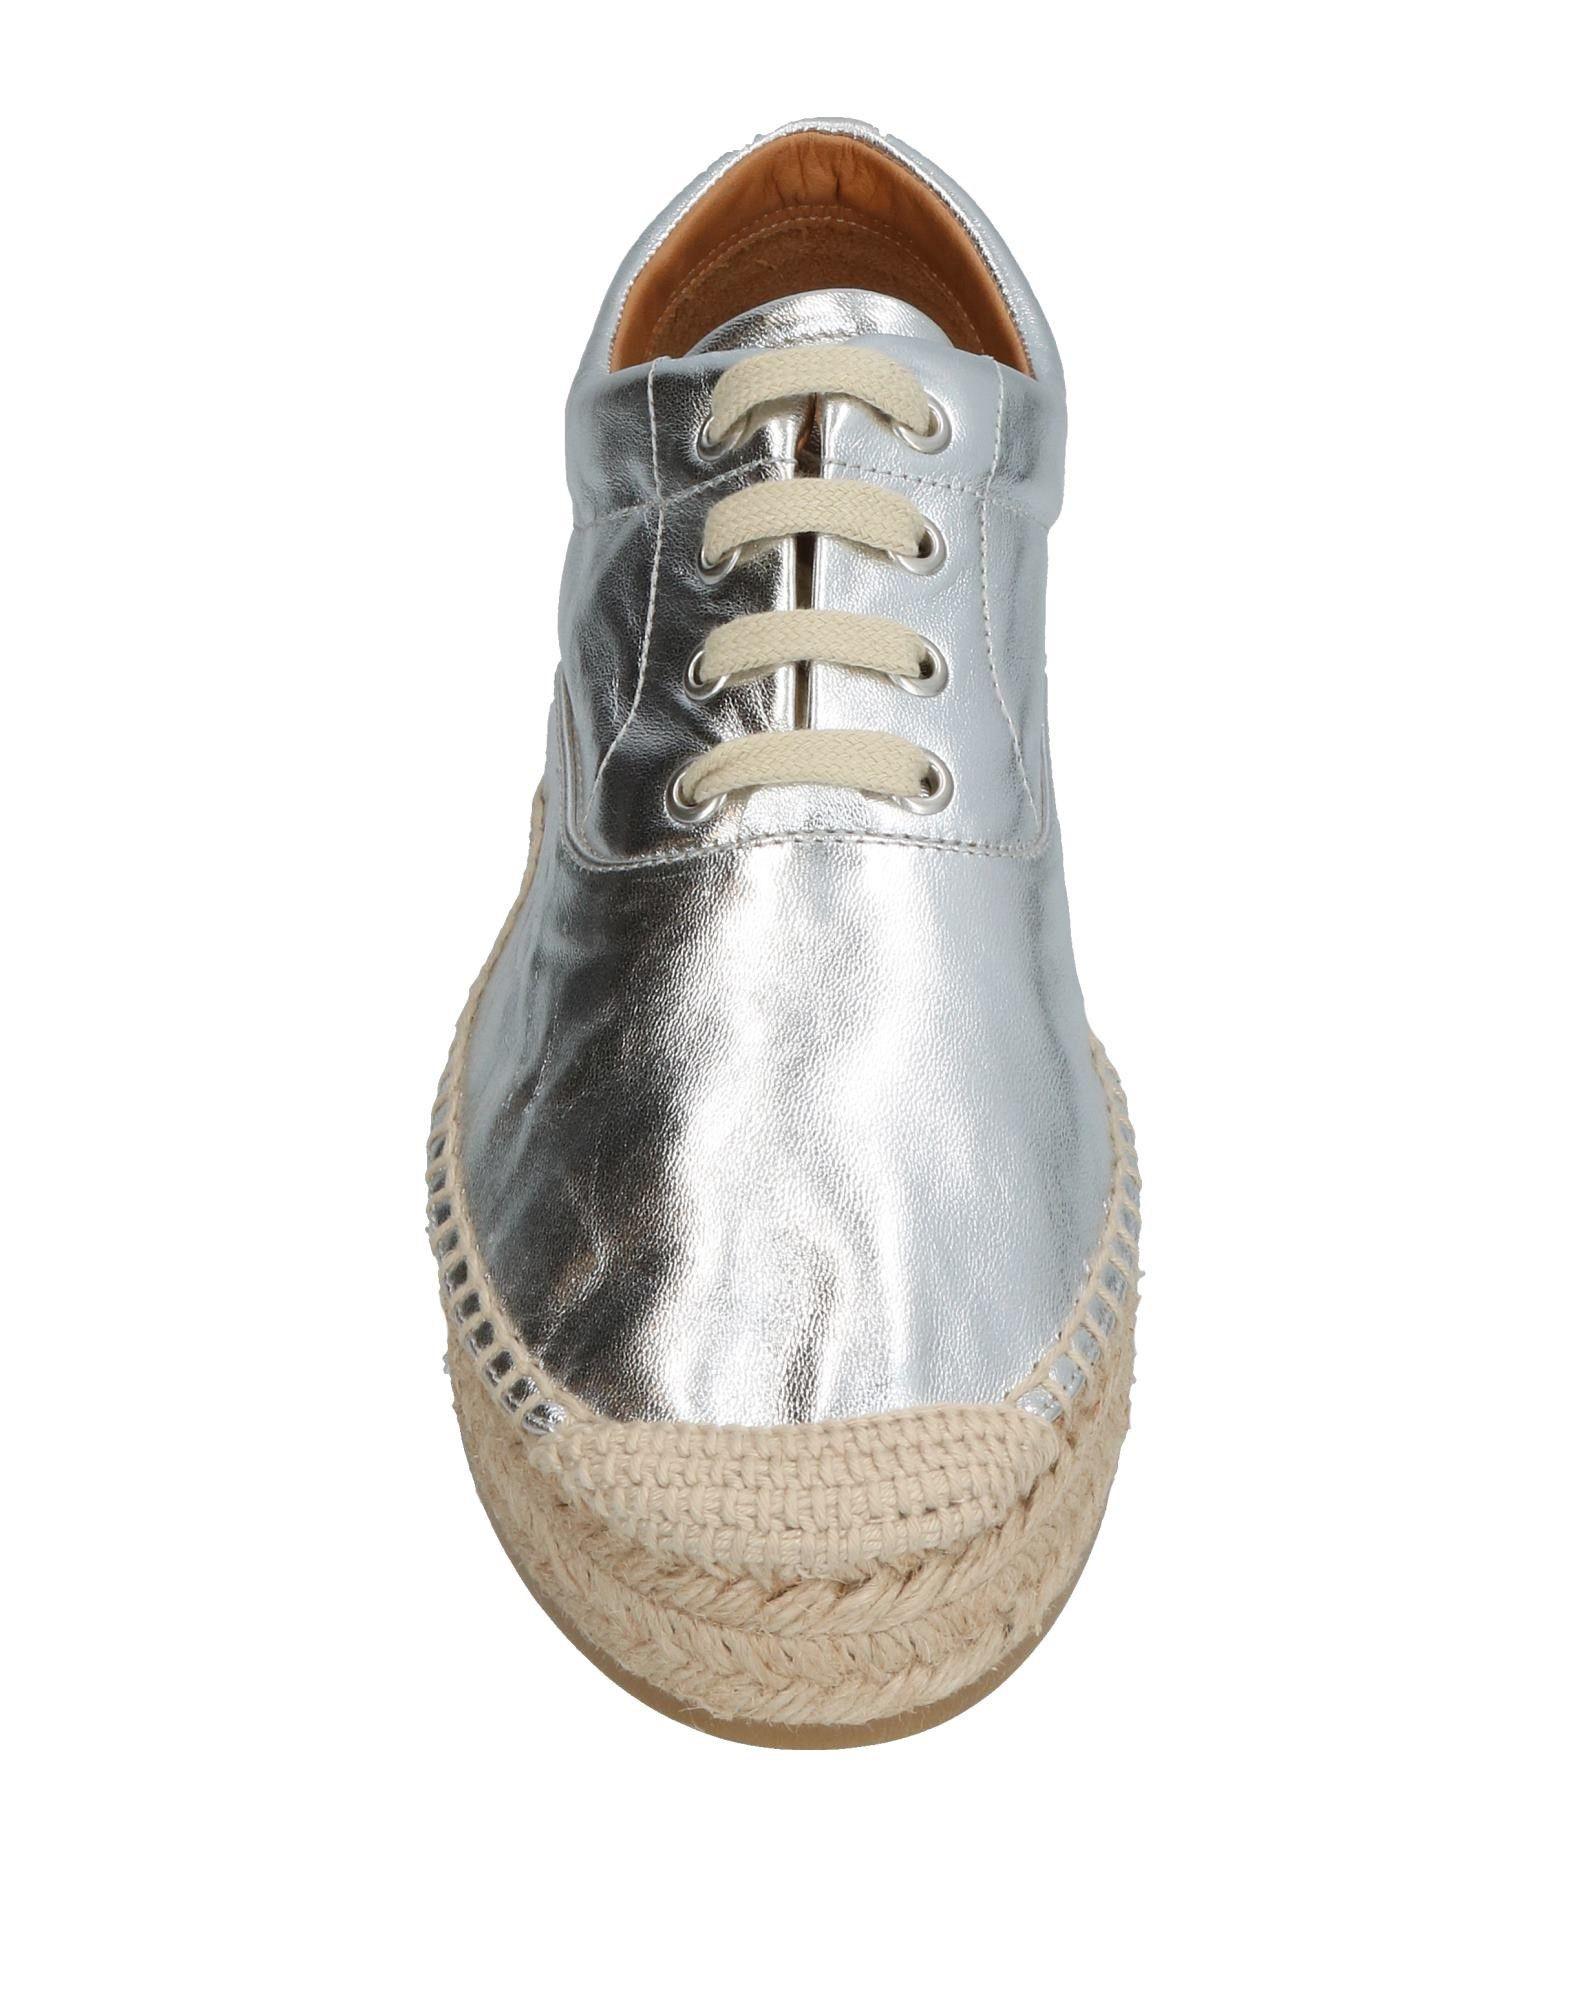 Mm6 Maison Margiela  Sneakers Damen  11330131NO  Margiela 007936